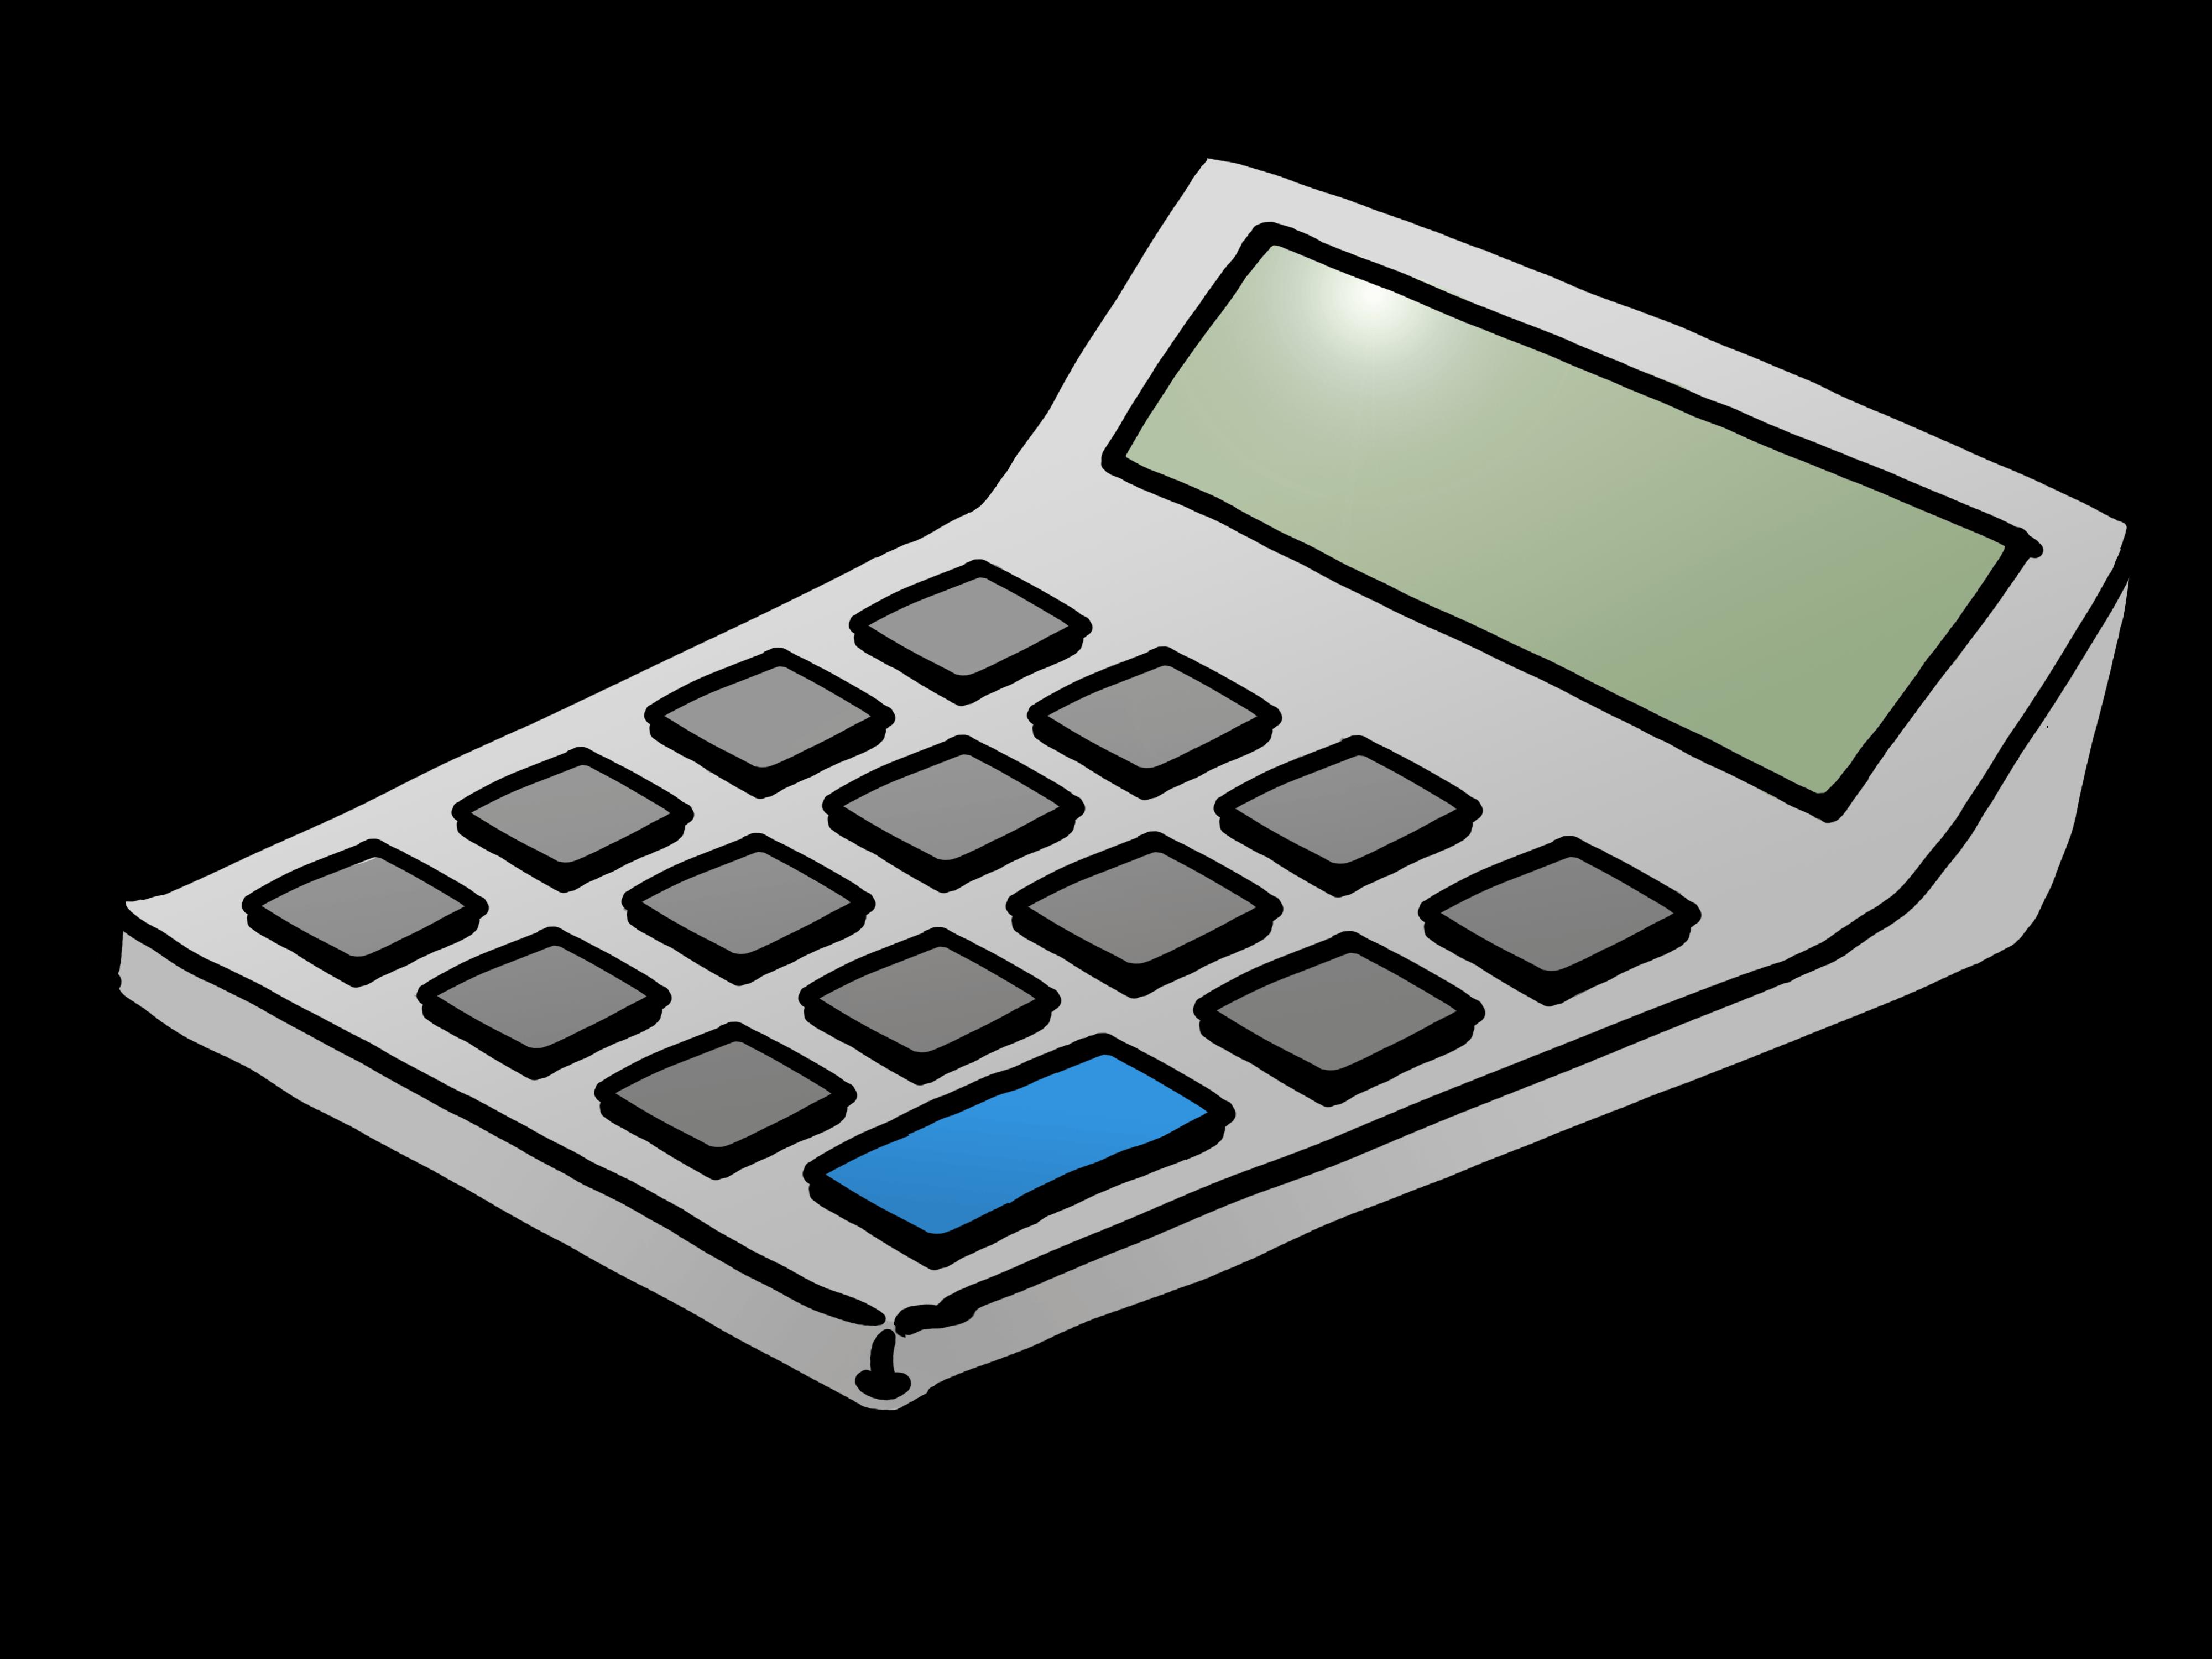 Calculadora clipart jpg download Calculator Clipart   Free download best Calculator Clipart on ... jpg download